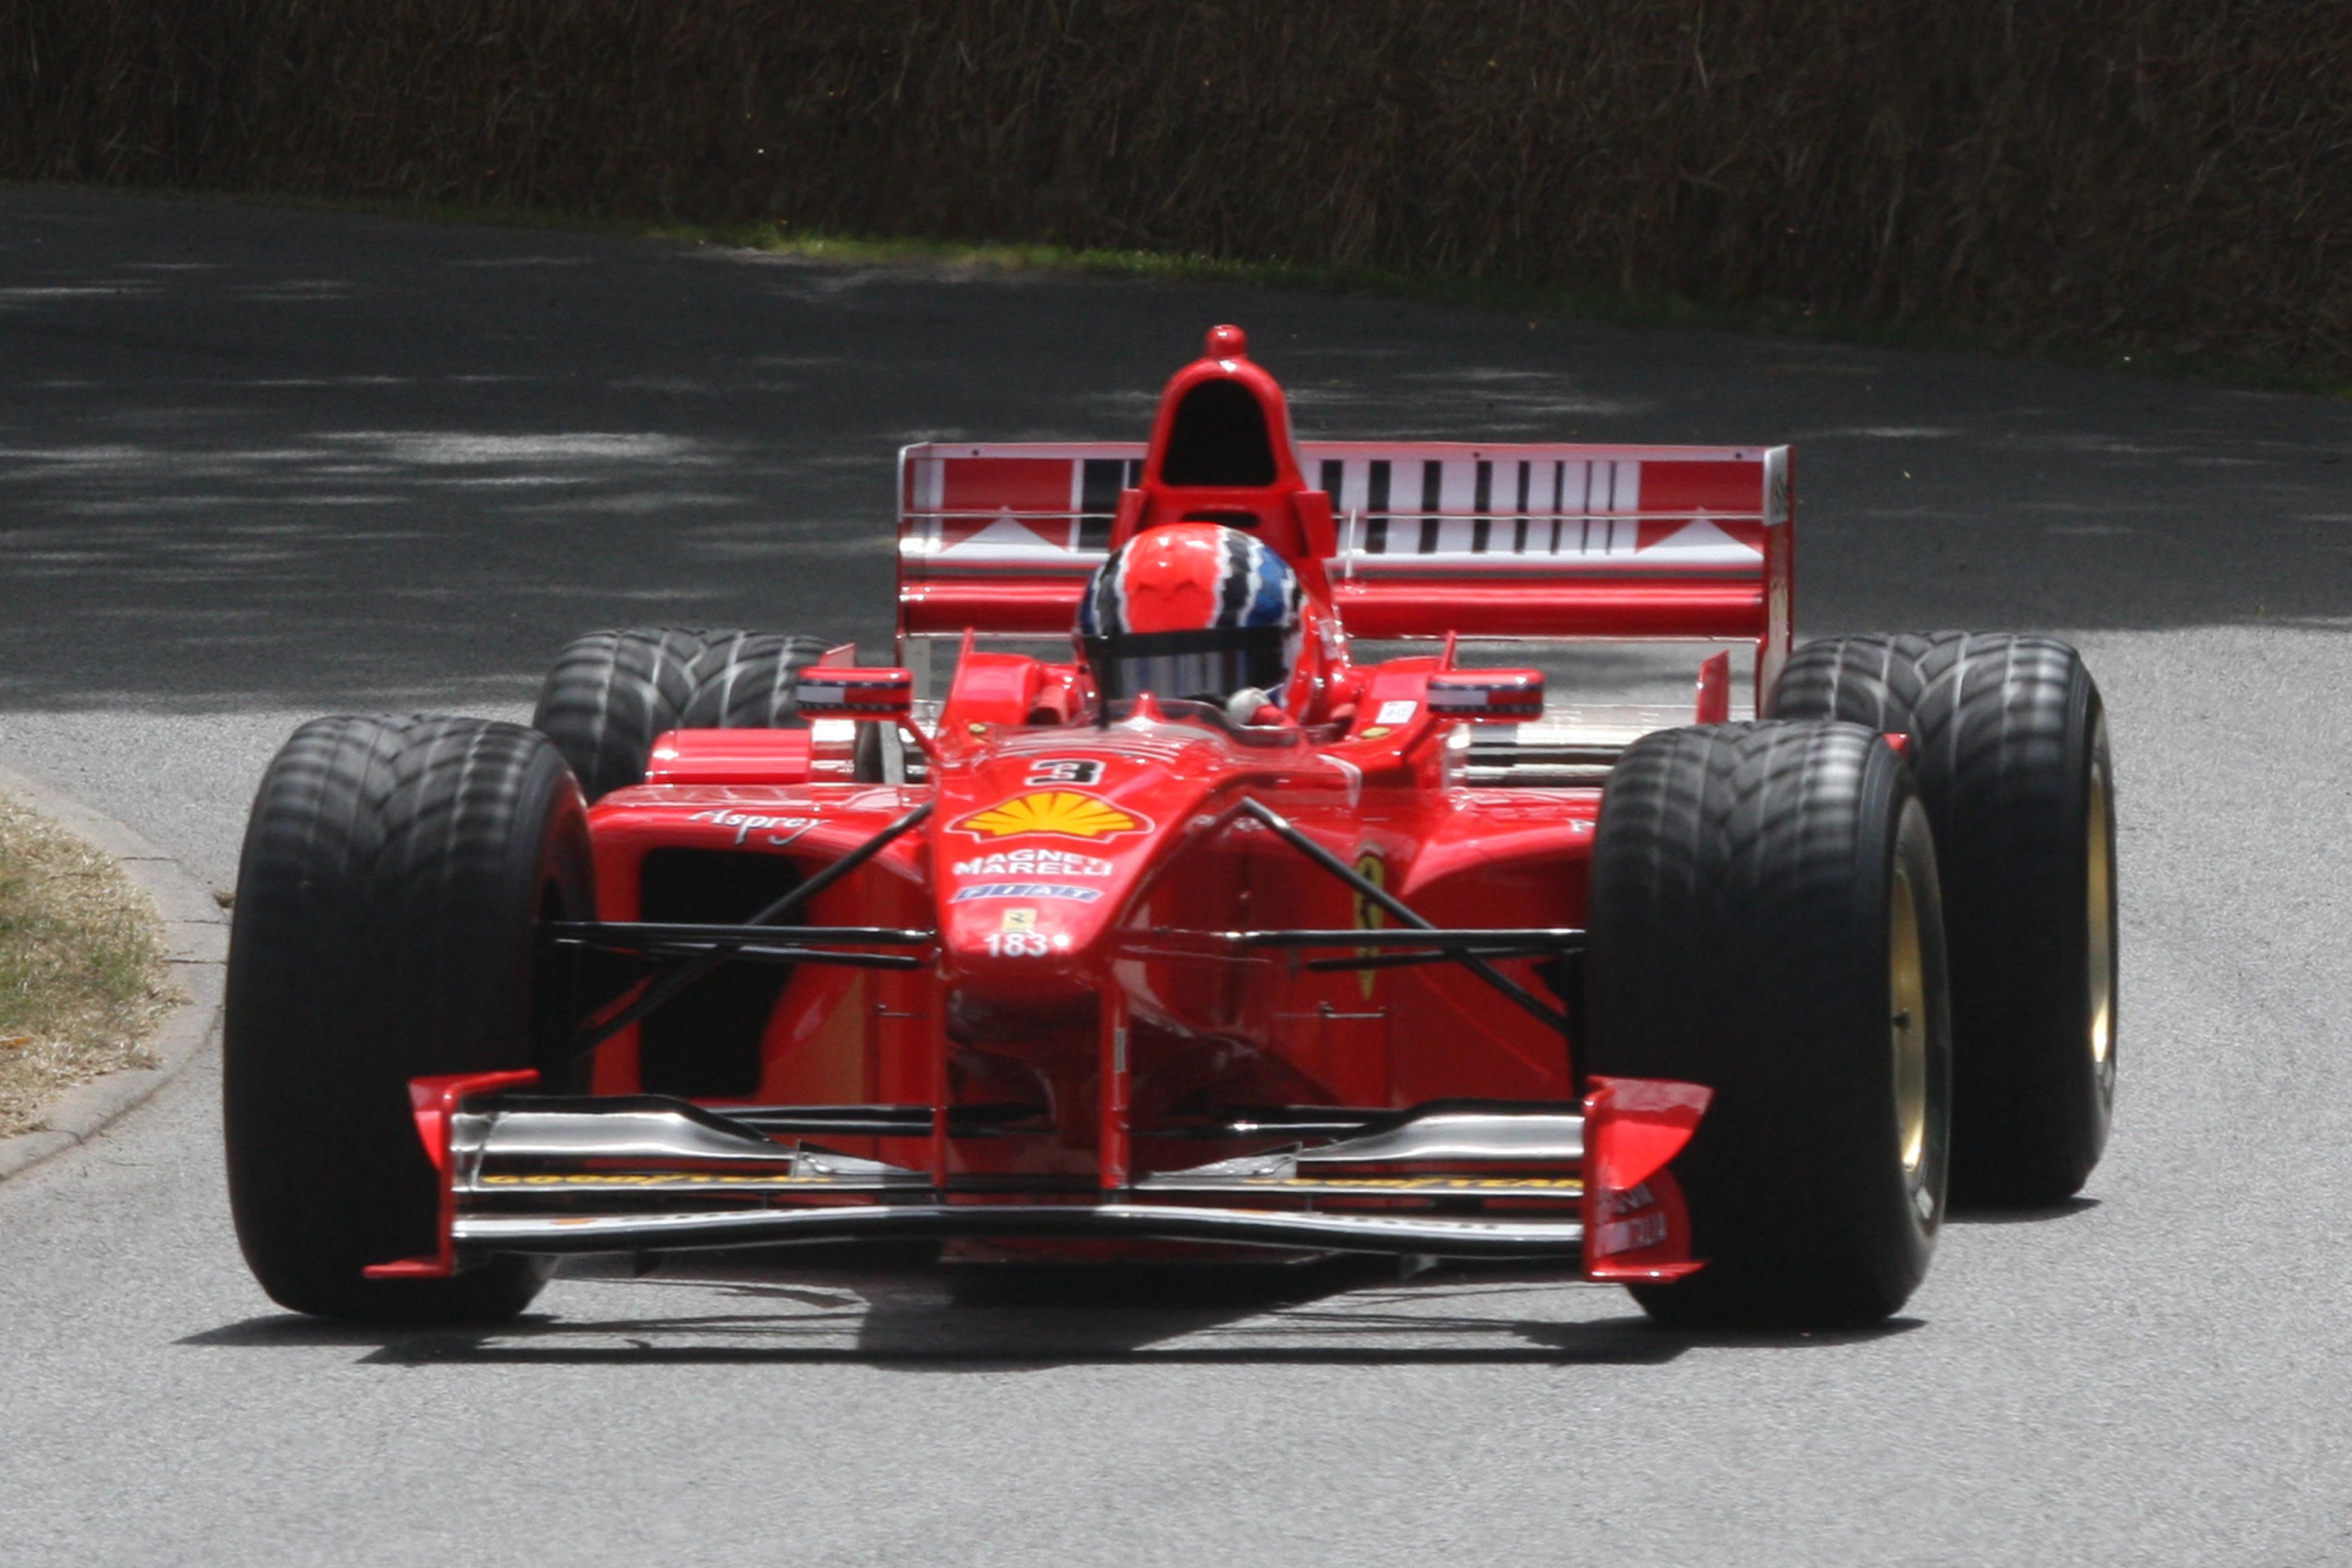 Datei 1998 F1 Car Ferrari F300 Goodwood 2009 Jpg Wikipedia